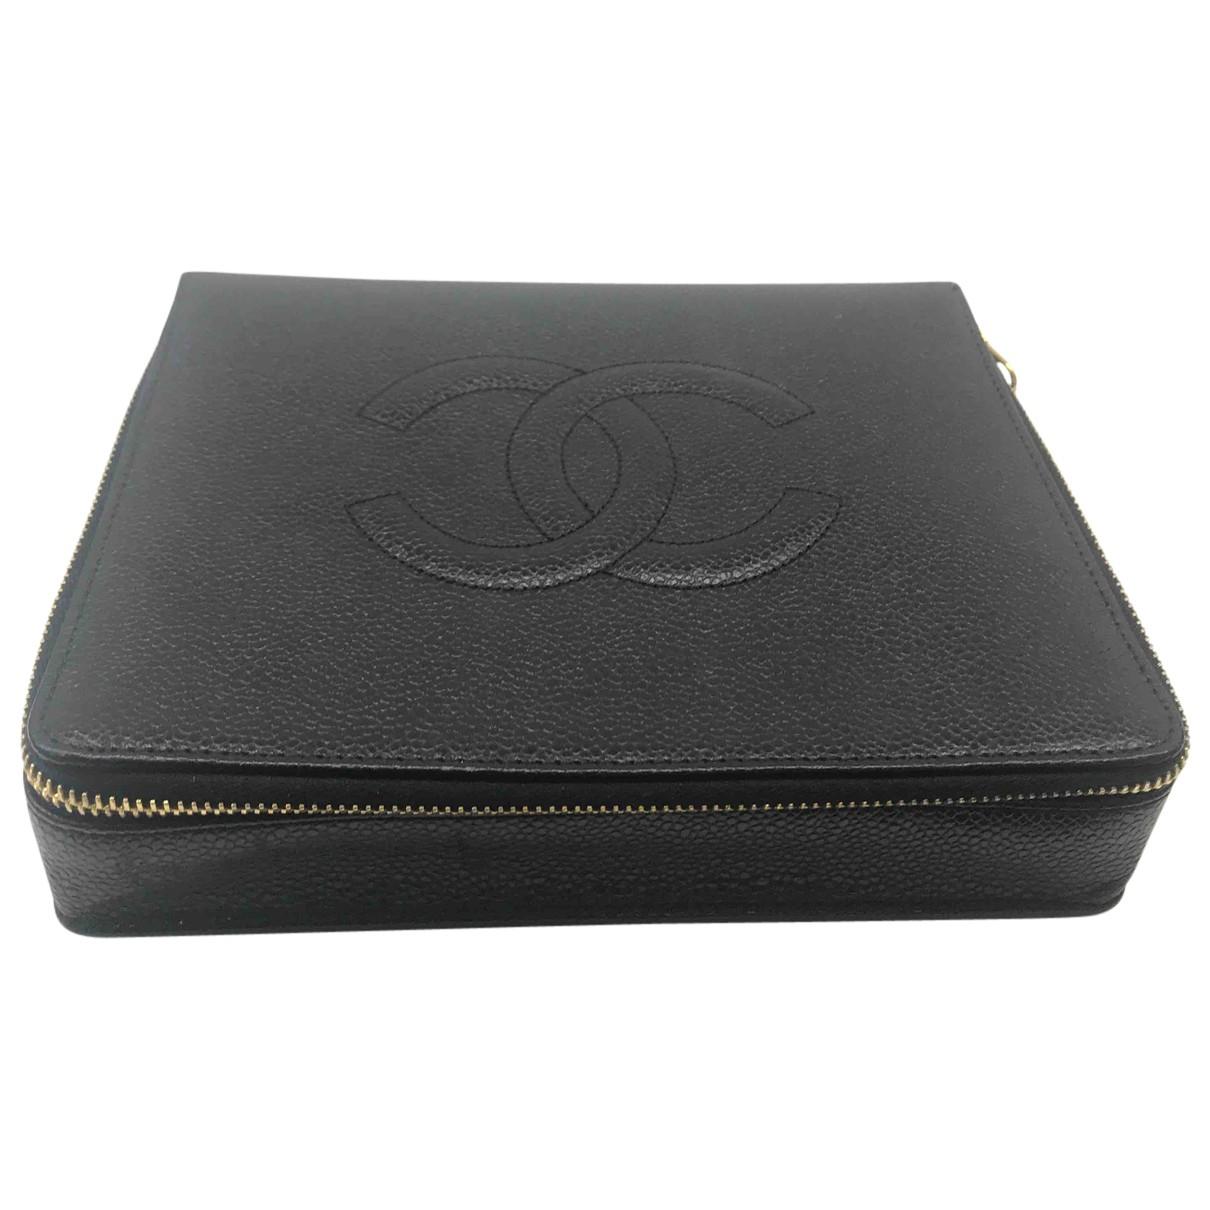 Chanel - Sac de voyage   pour femme en cuir - noir